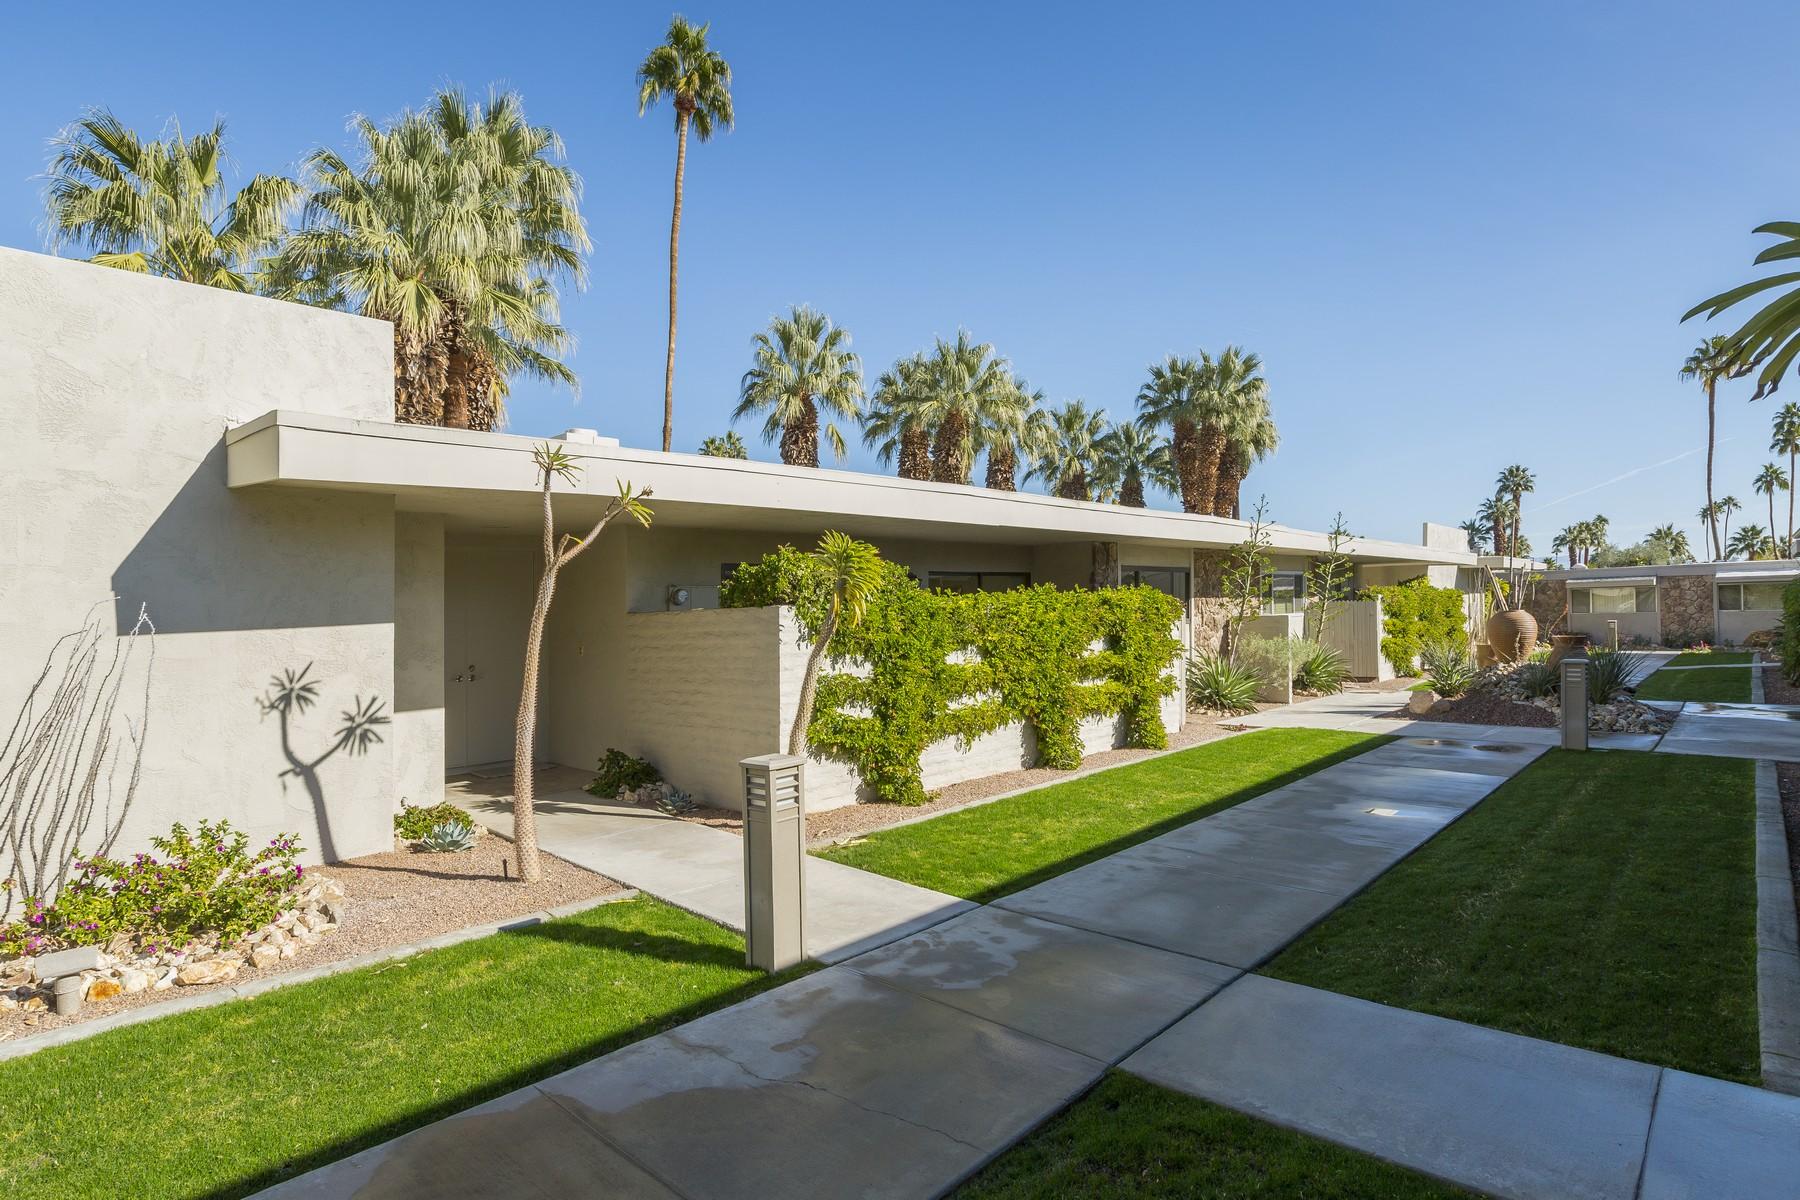 Кооперативная квартира для того Продажа на 555 West Baristo Road #7 Palm Springs, Калифорния, 92262 Соединенные Штаты